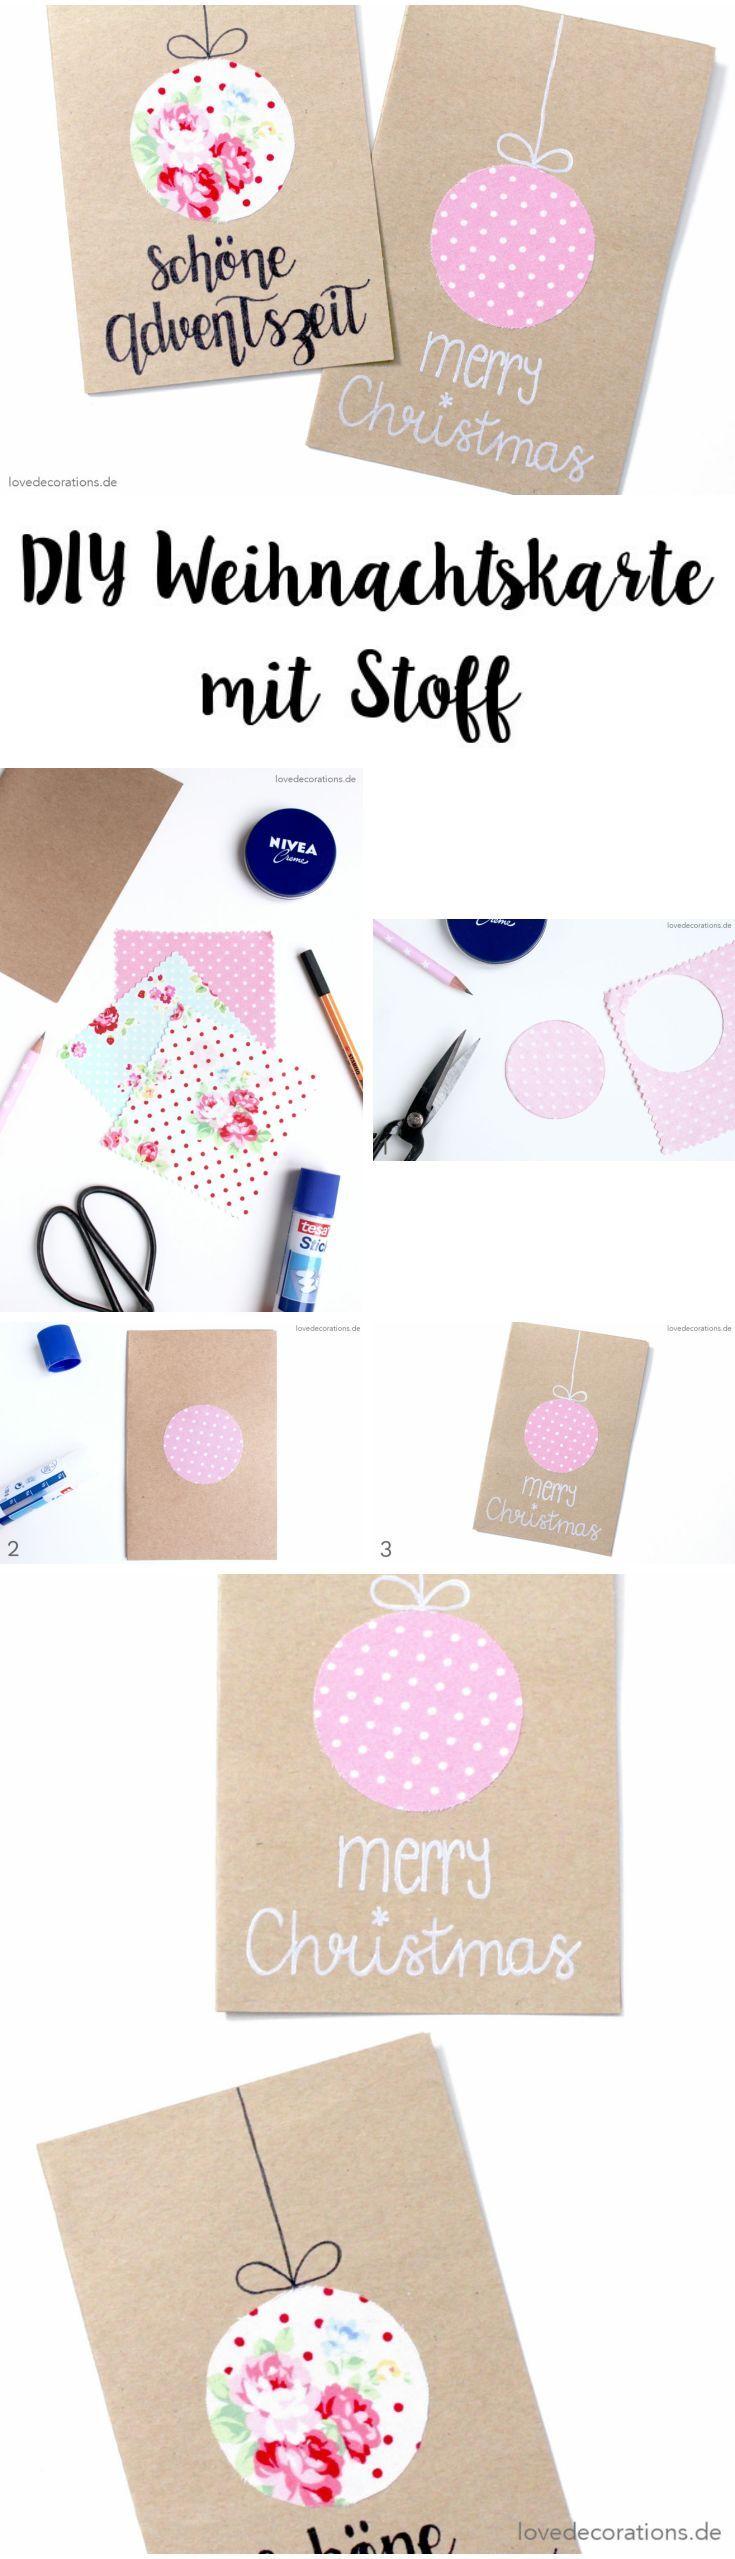 DIY Weihnachtskarten mit Stoff + Duni´s Studio* - Love Decorations